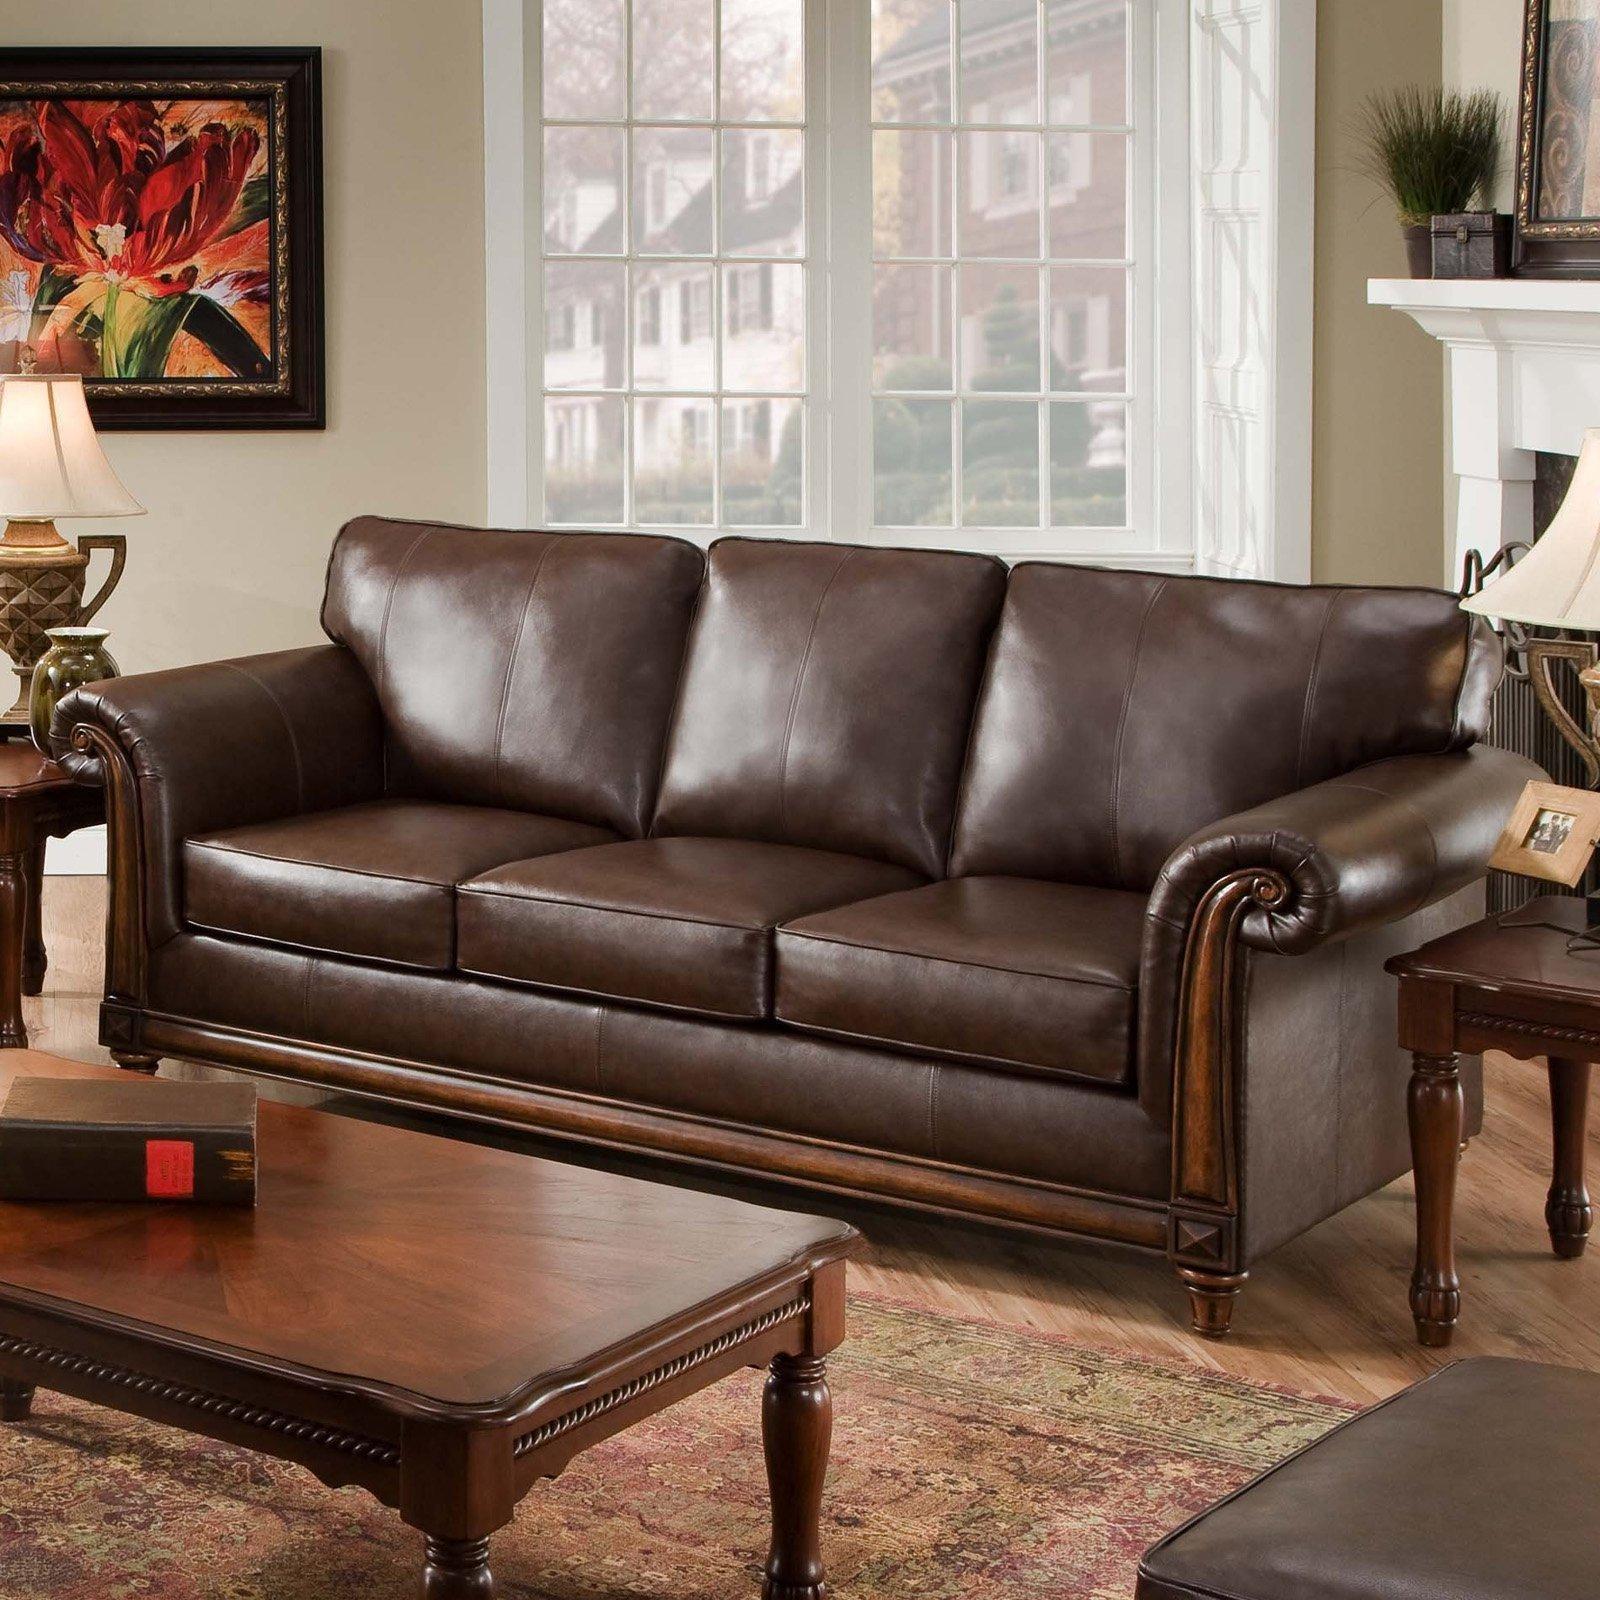 Sofas Center : Sectional Or Sofa Inspiring Sofas San Diego On For Sectional Sofa San Diego (Image 18 of 20)